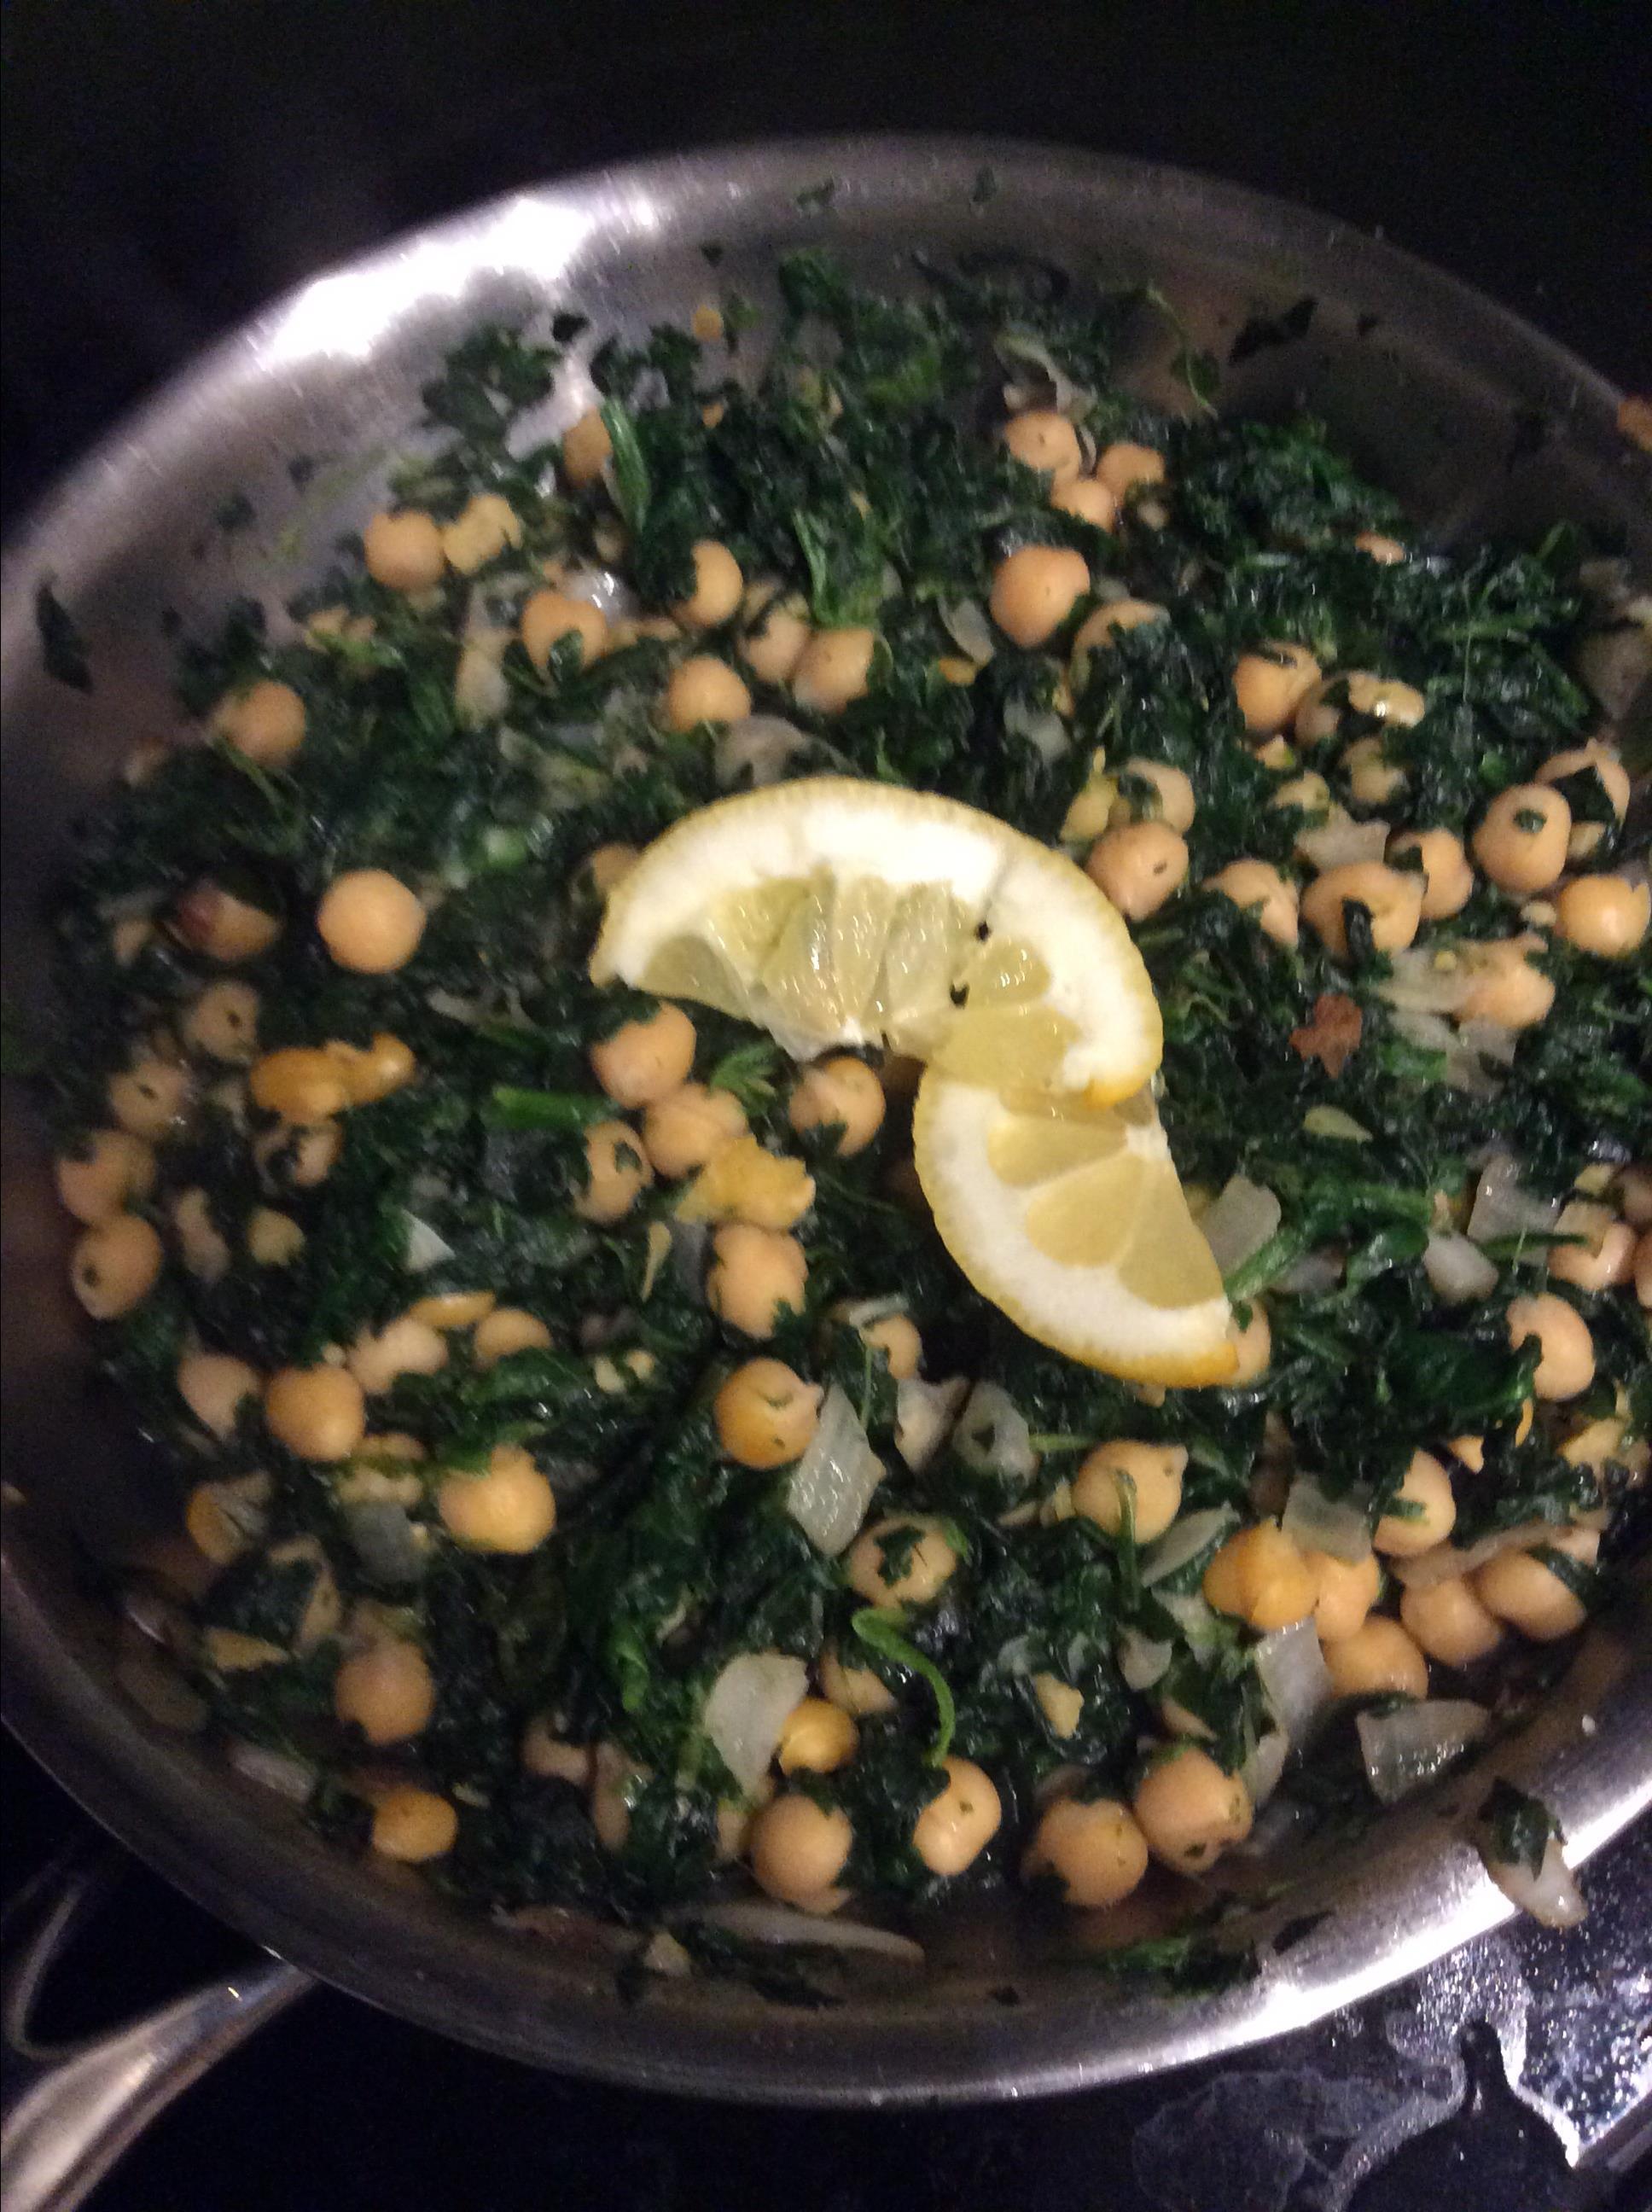 Espinacas con Garbanzos (Spinach with Garbanzo Beans) Janice Burleigh